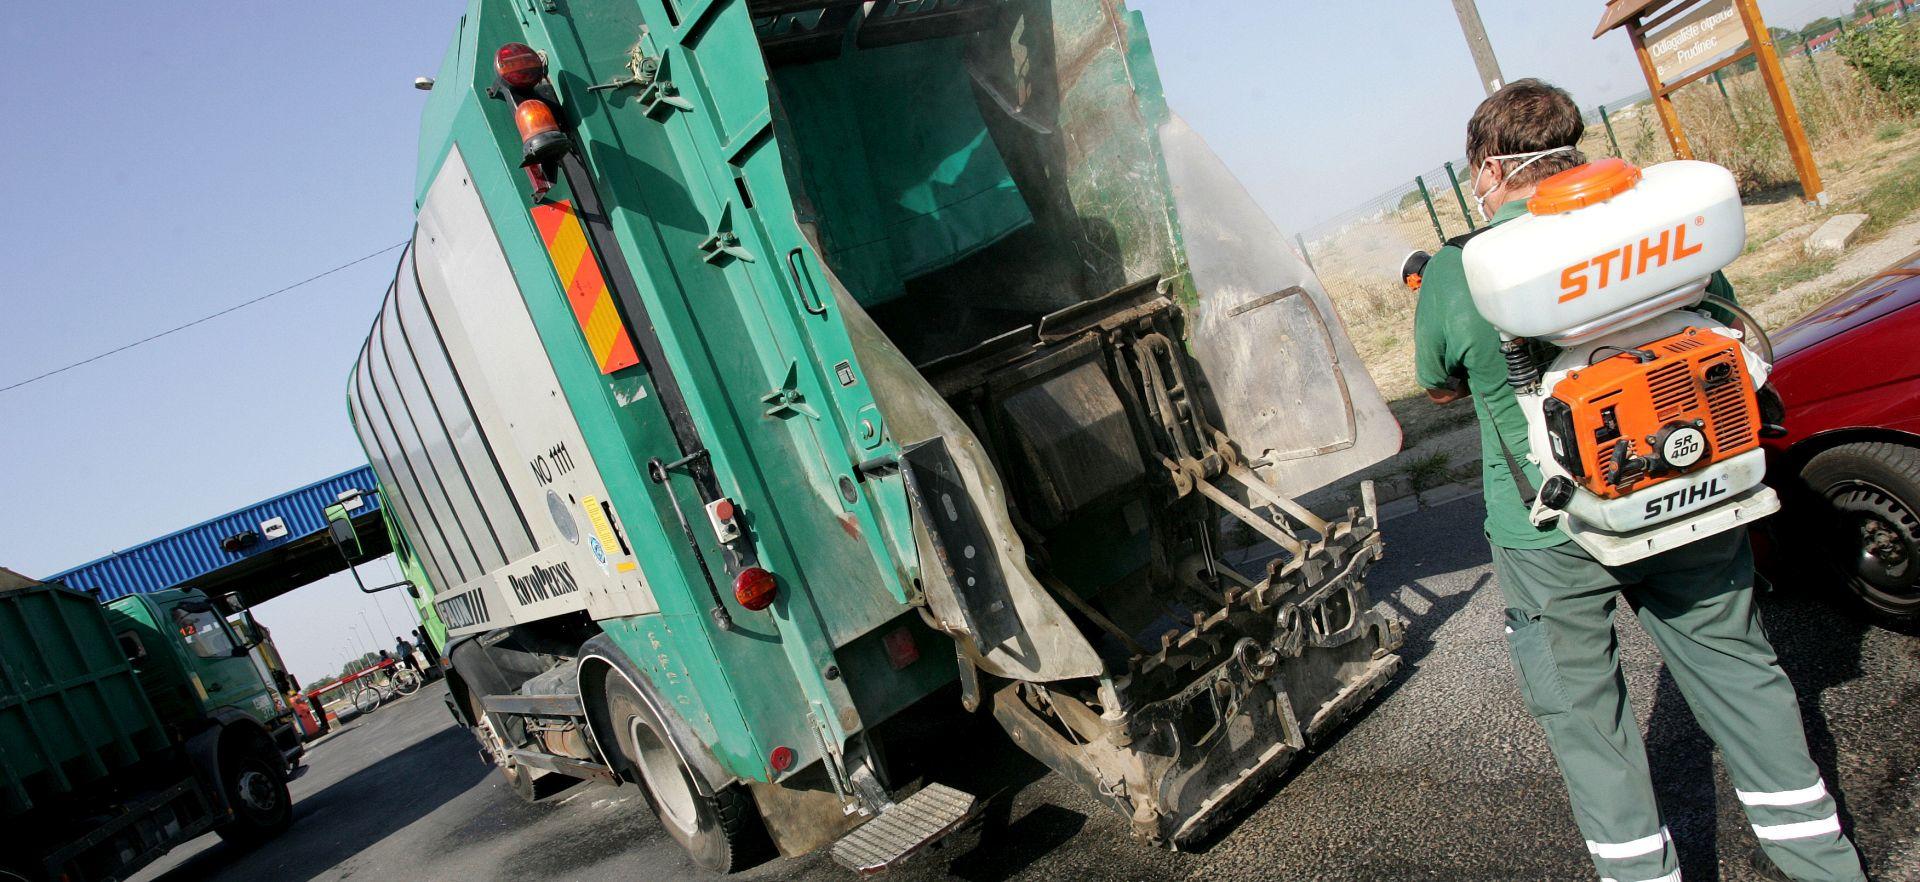 Ministarstvo državne imovine darovalo zemljište za centar za gospodarenje otpadom na Babinoj gori